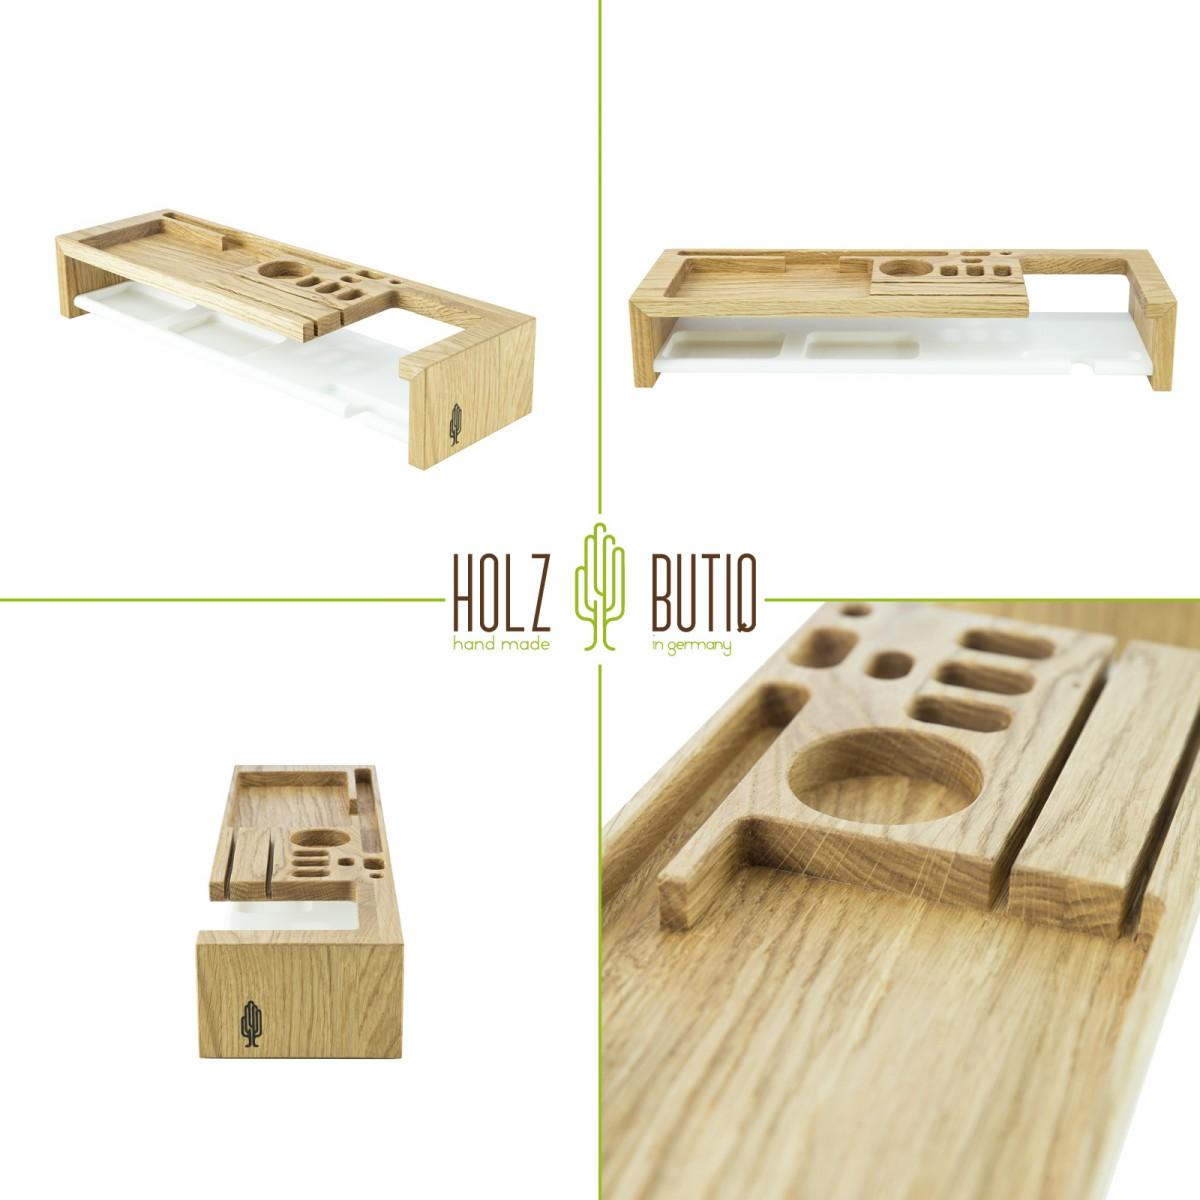 Office Organizer klipo, Büro Organizer aus Holz | Schreibtisch Ordnungssystem